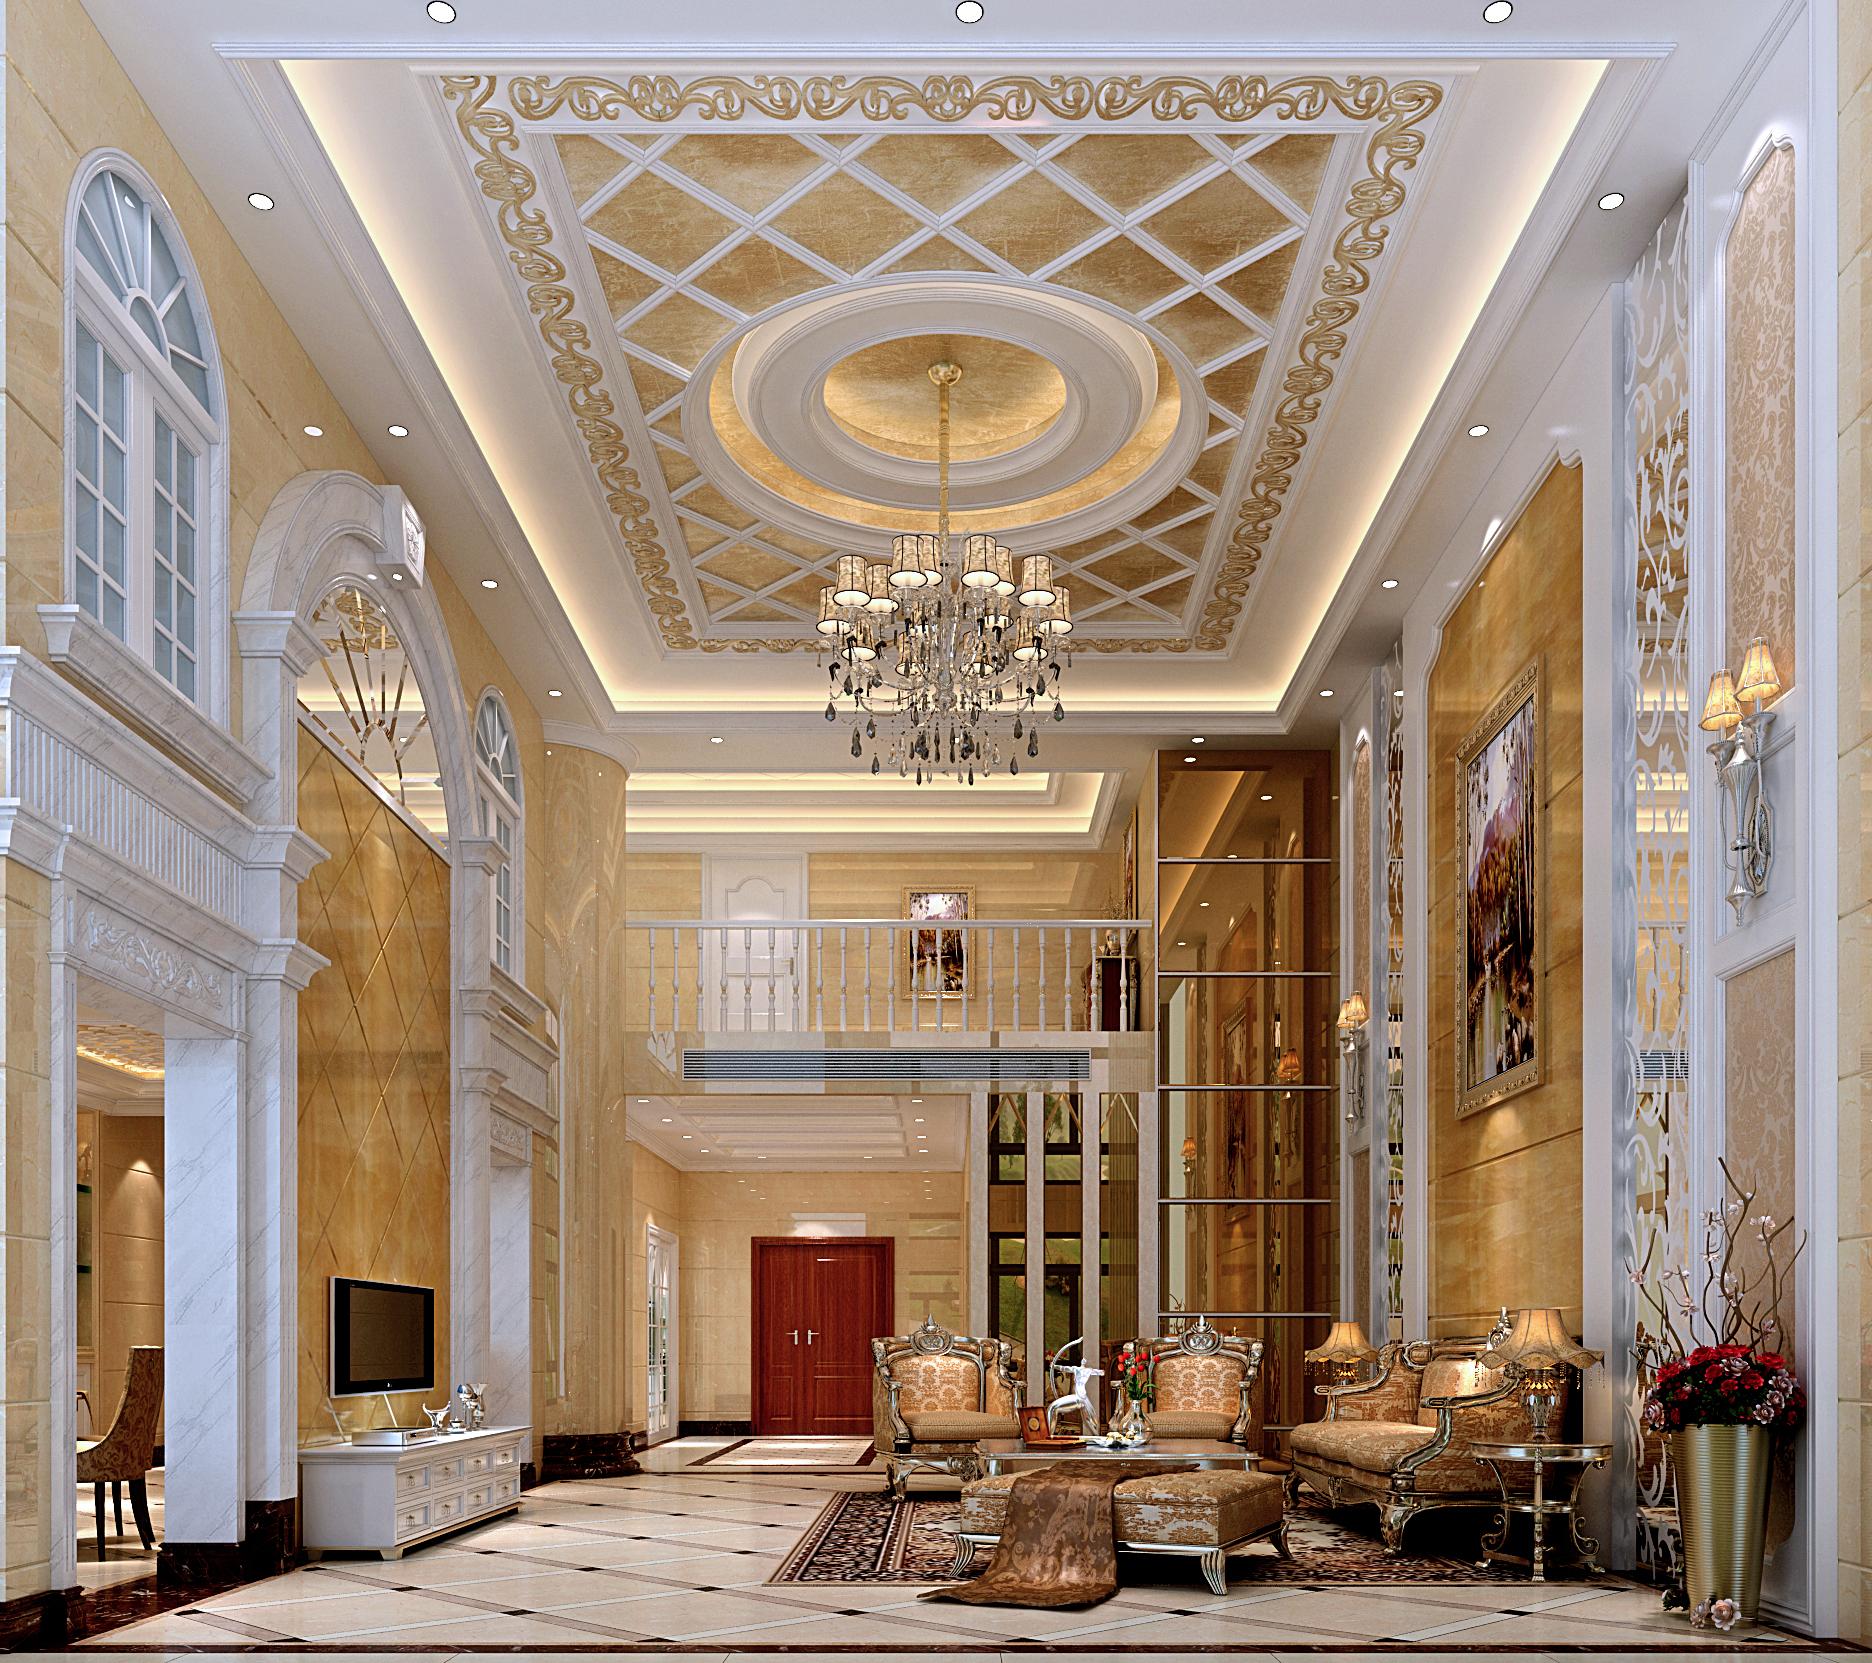 欧式 别墅 典雅 高富帅 三层别墅 客厅图片来自名雕装饰设计在别墅旧房改造,彰显典雅品味的分享